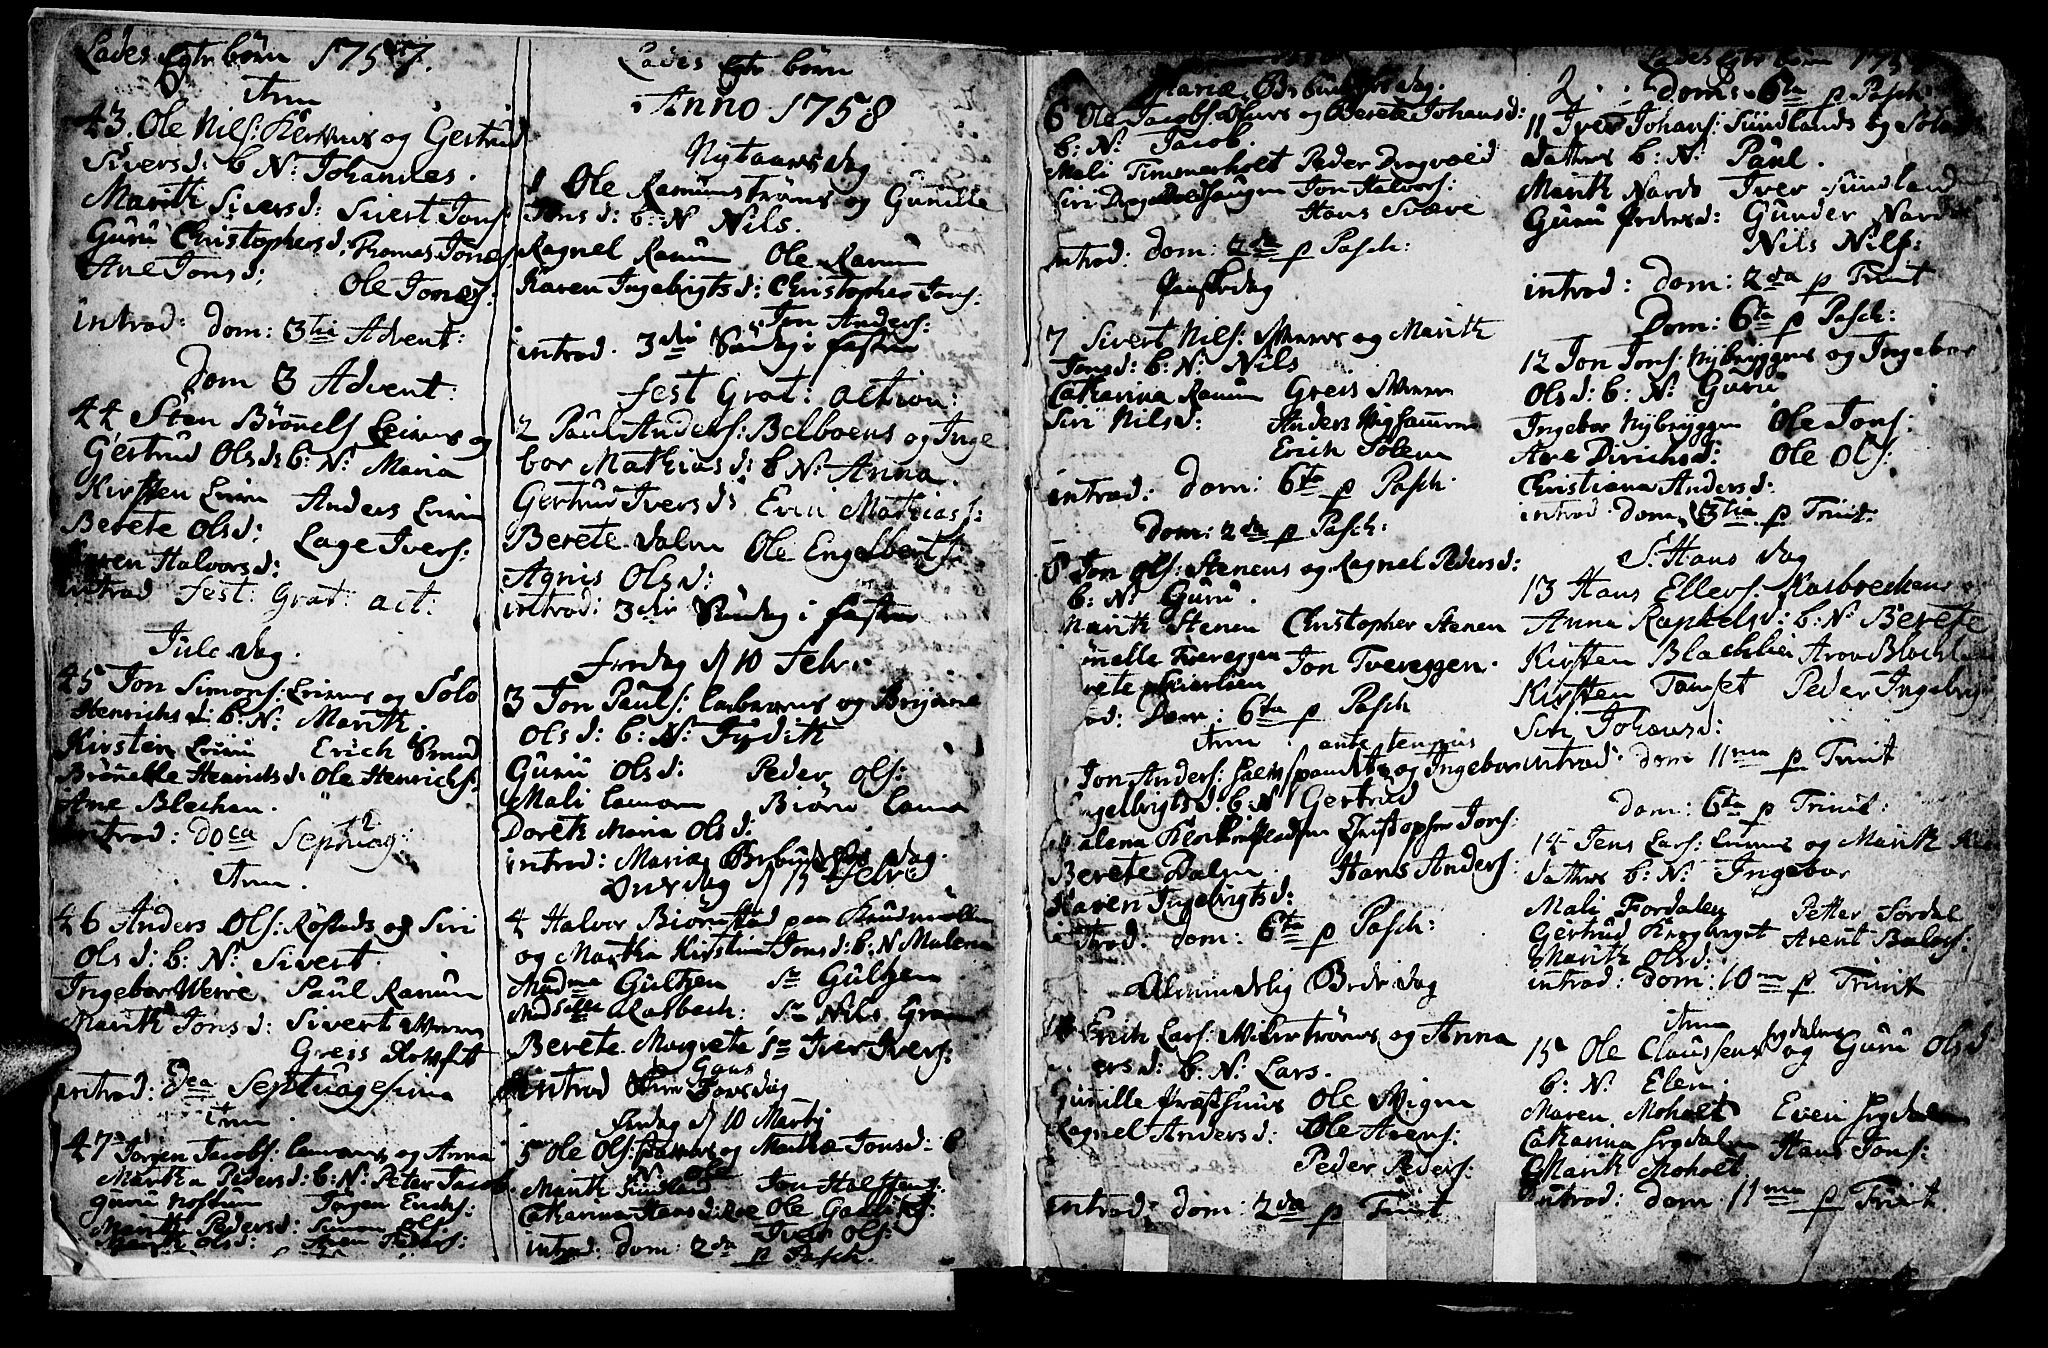 SAT, Ministerialprotokoller, klokkerbøker og fødselsregistre - Sør-Trøndelag, 606/L0305: Klokkerbok nr. 606C01, 1757-1819, s. 2